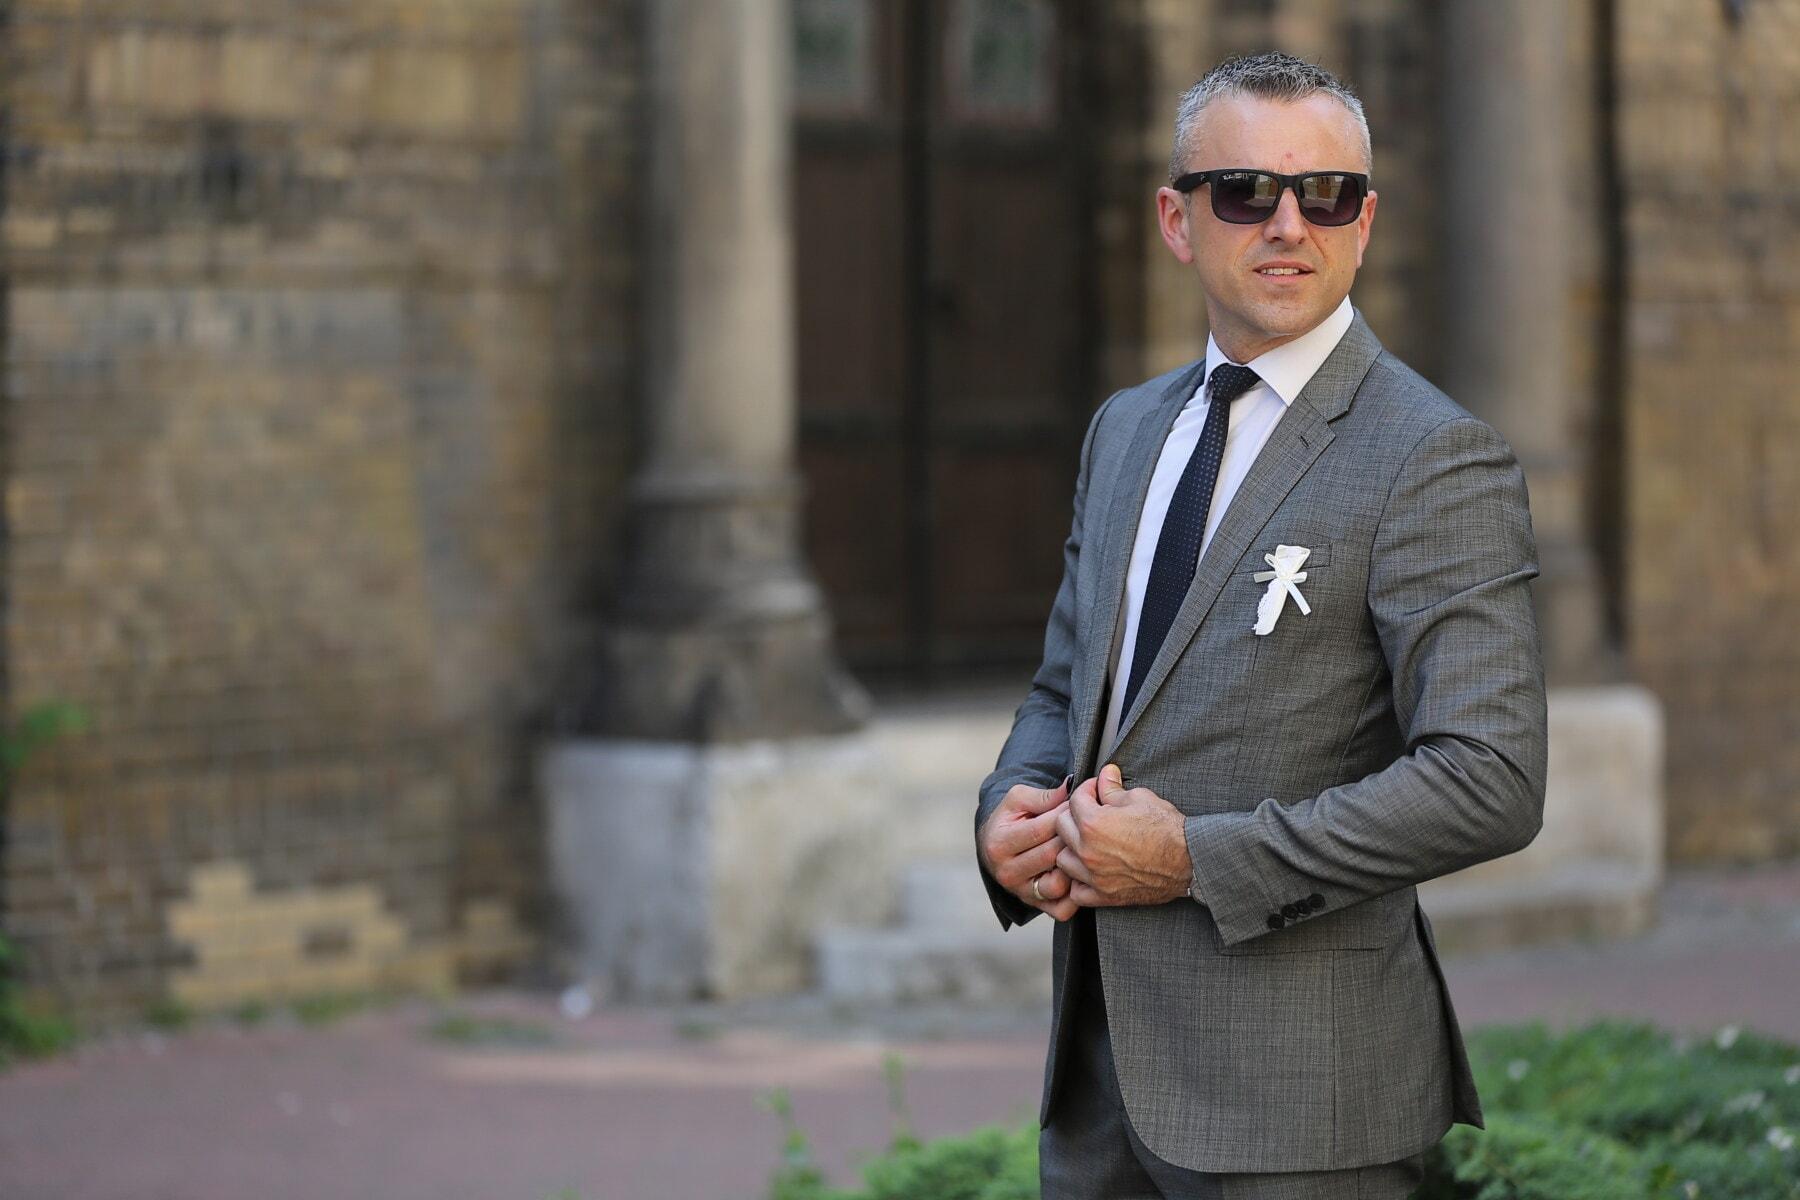 homem de negócios, posando, terno smoking, terno, glamour, óculos de sol, negócios, homem, bonito, ao ar livre